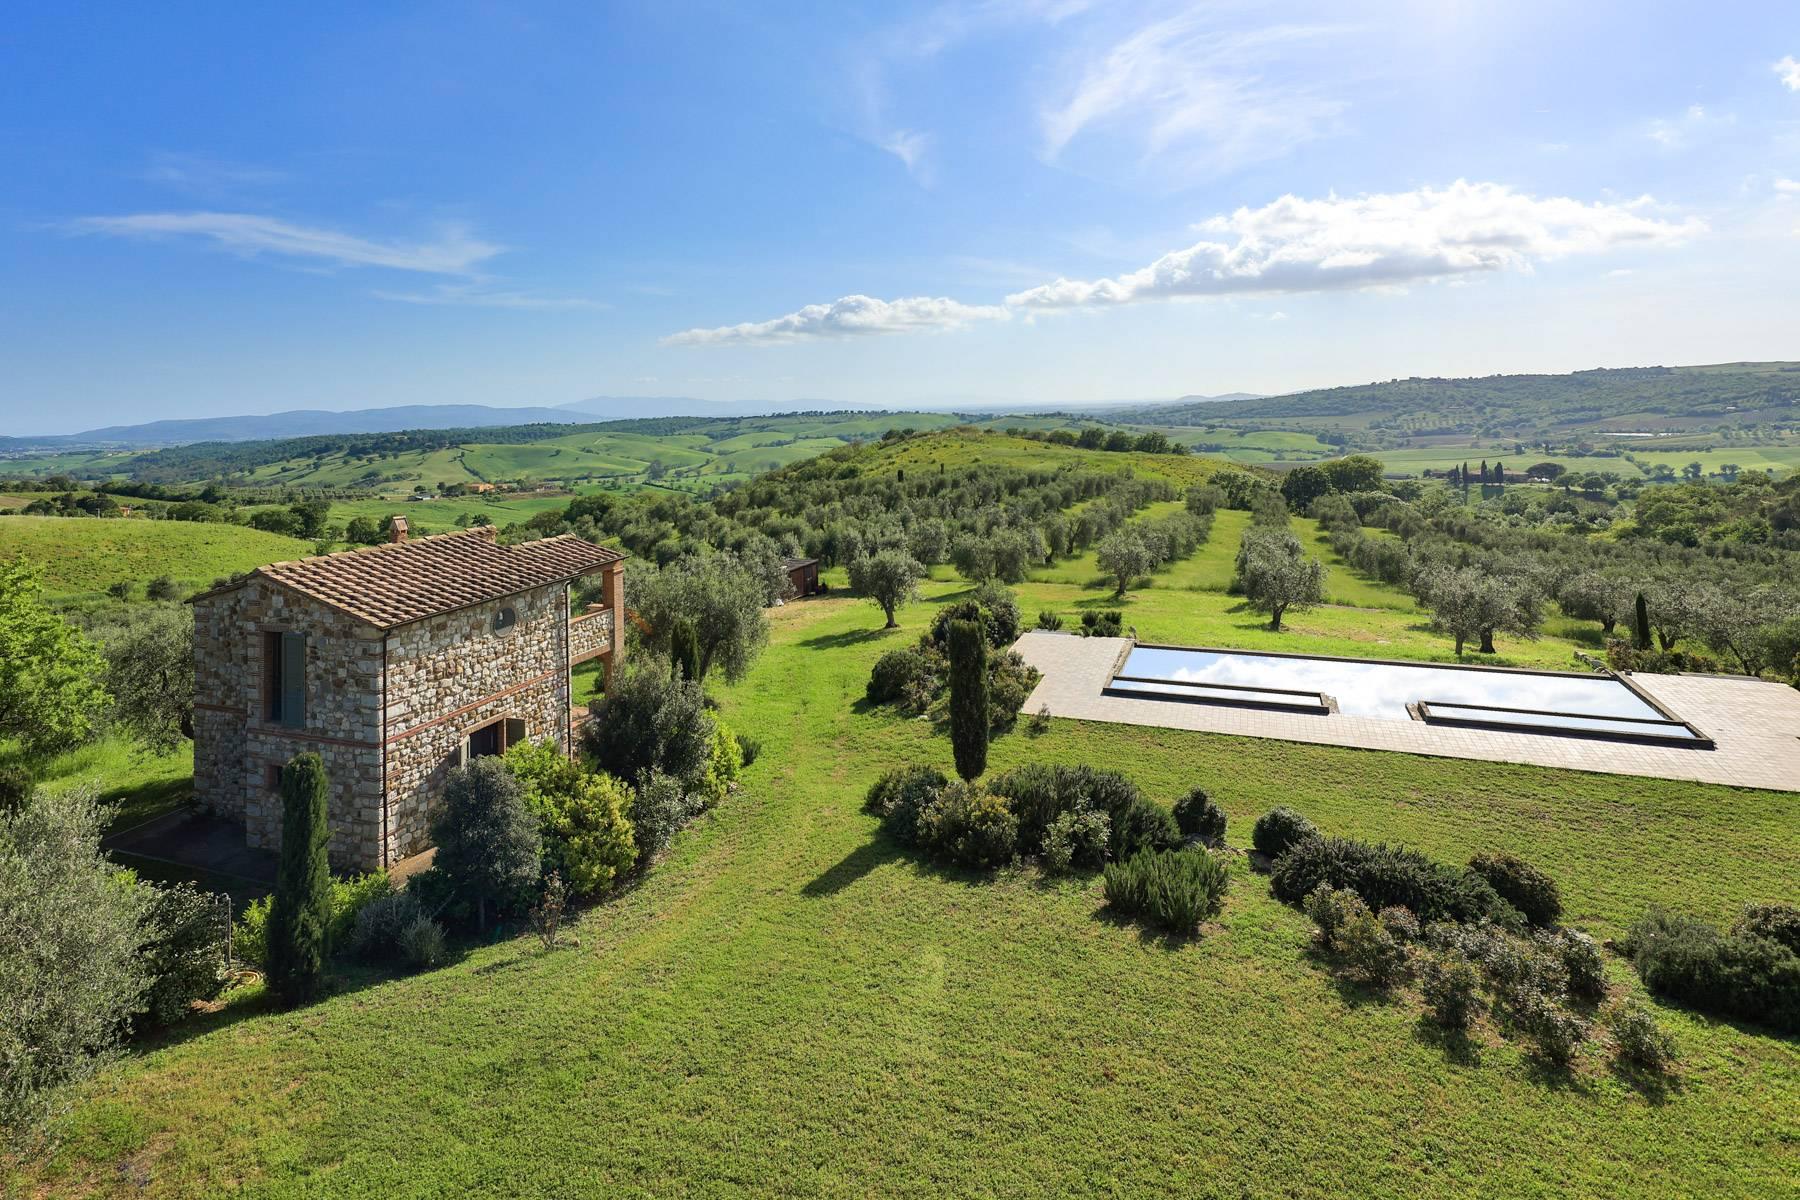 Rustico in Vendita a Magliano In Toscana: 5 locali, 1044 mq - Foto 17